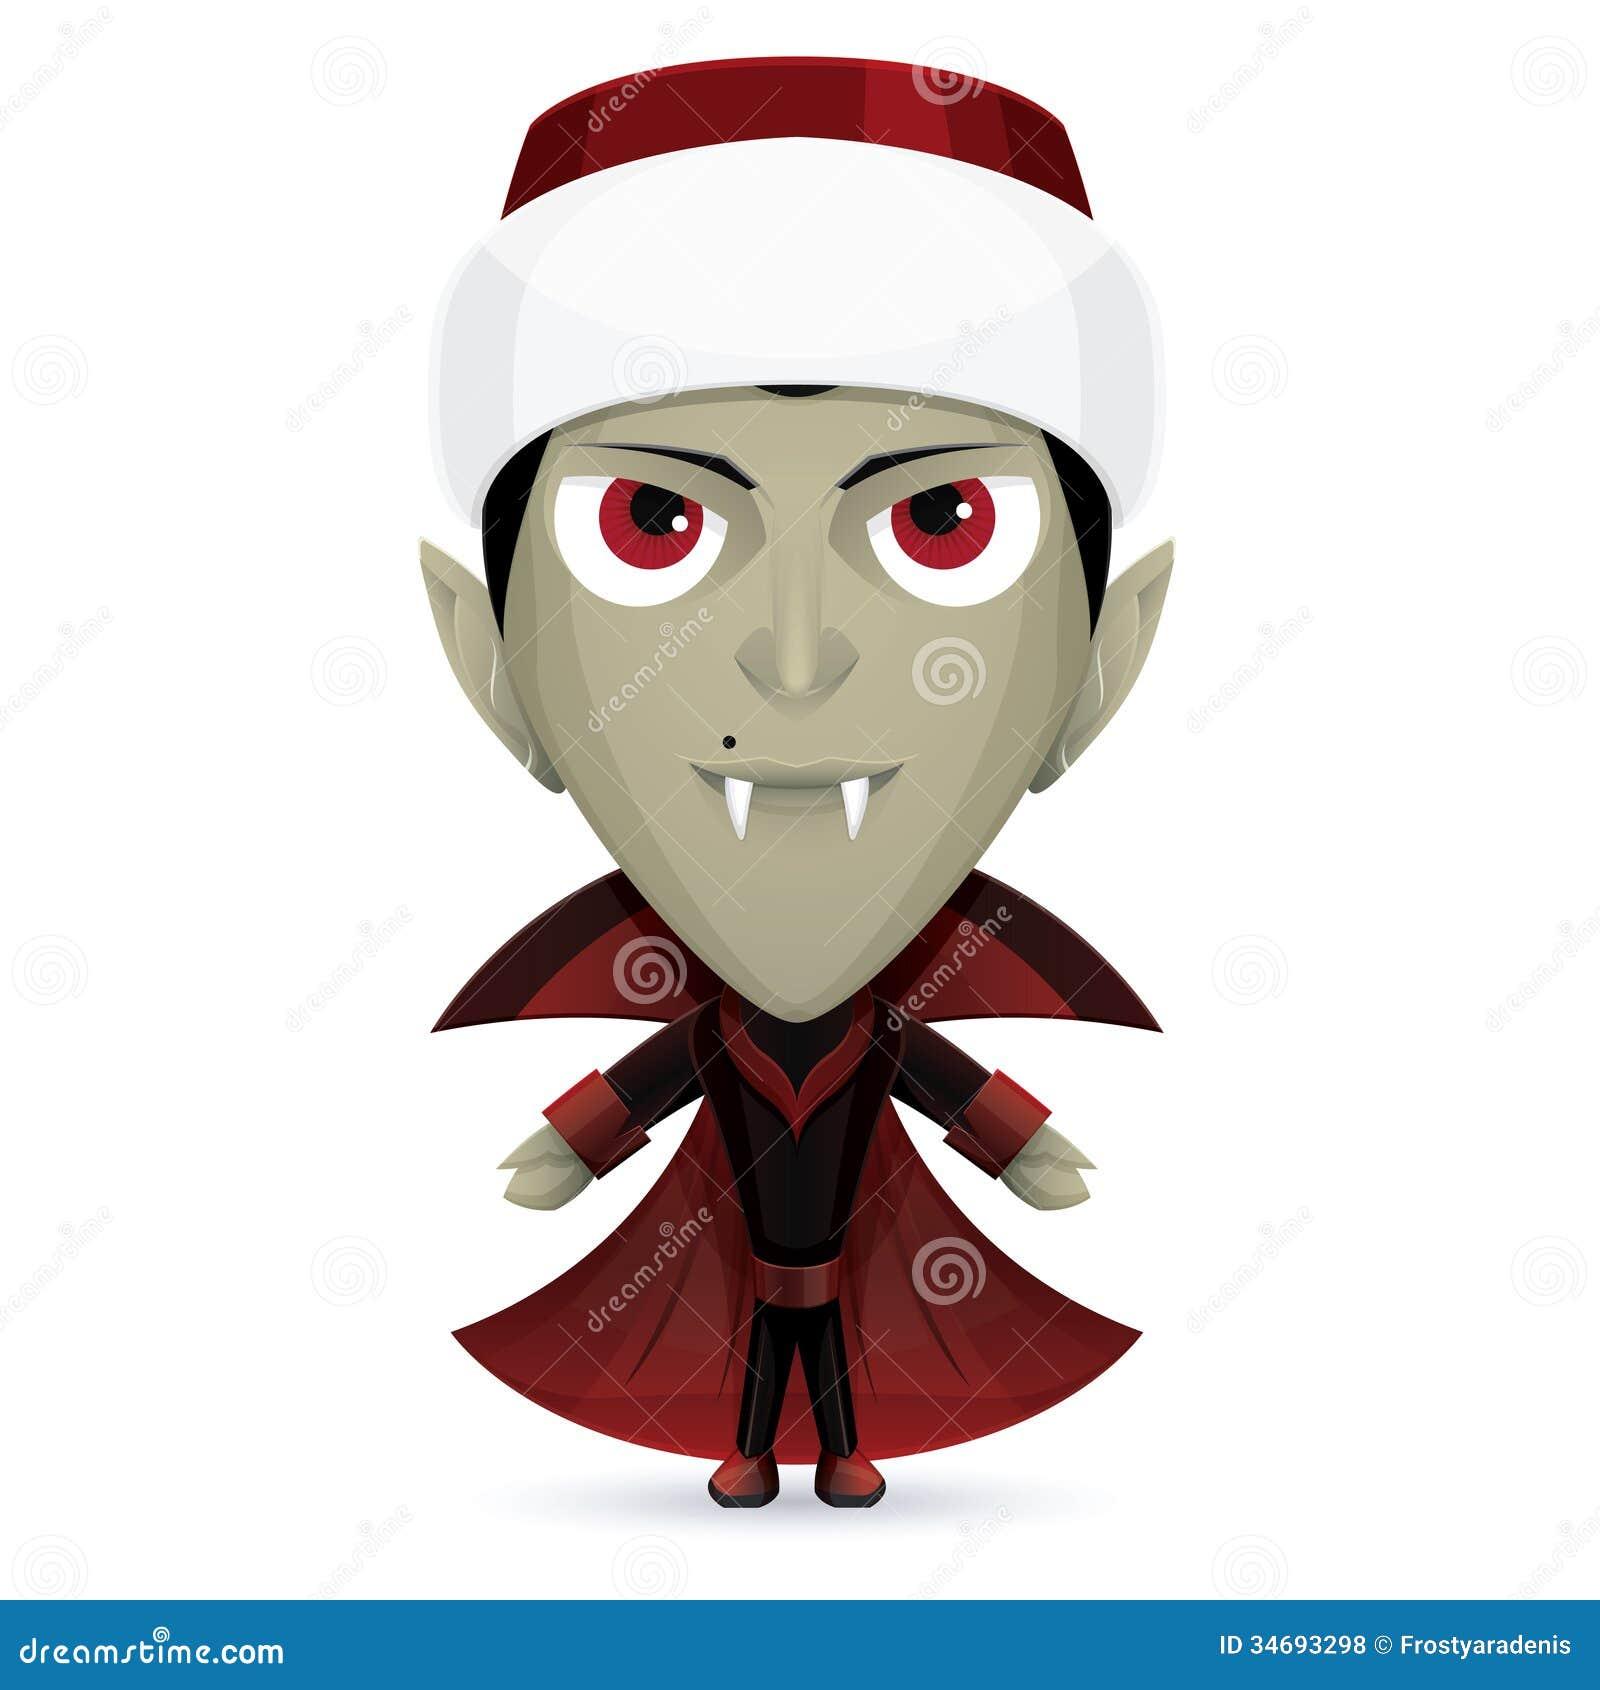 Santa Dracula Royalty Free Stock Photos Image 34693298